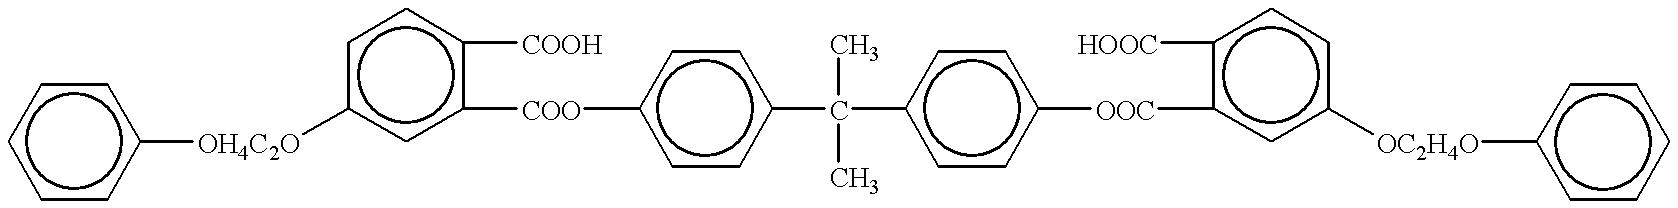 Figure US06180560-20010130-C00189